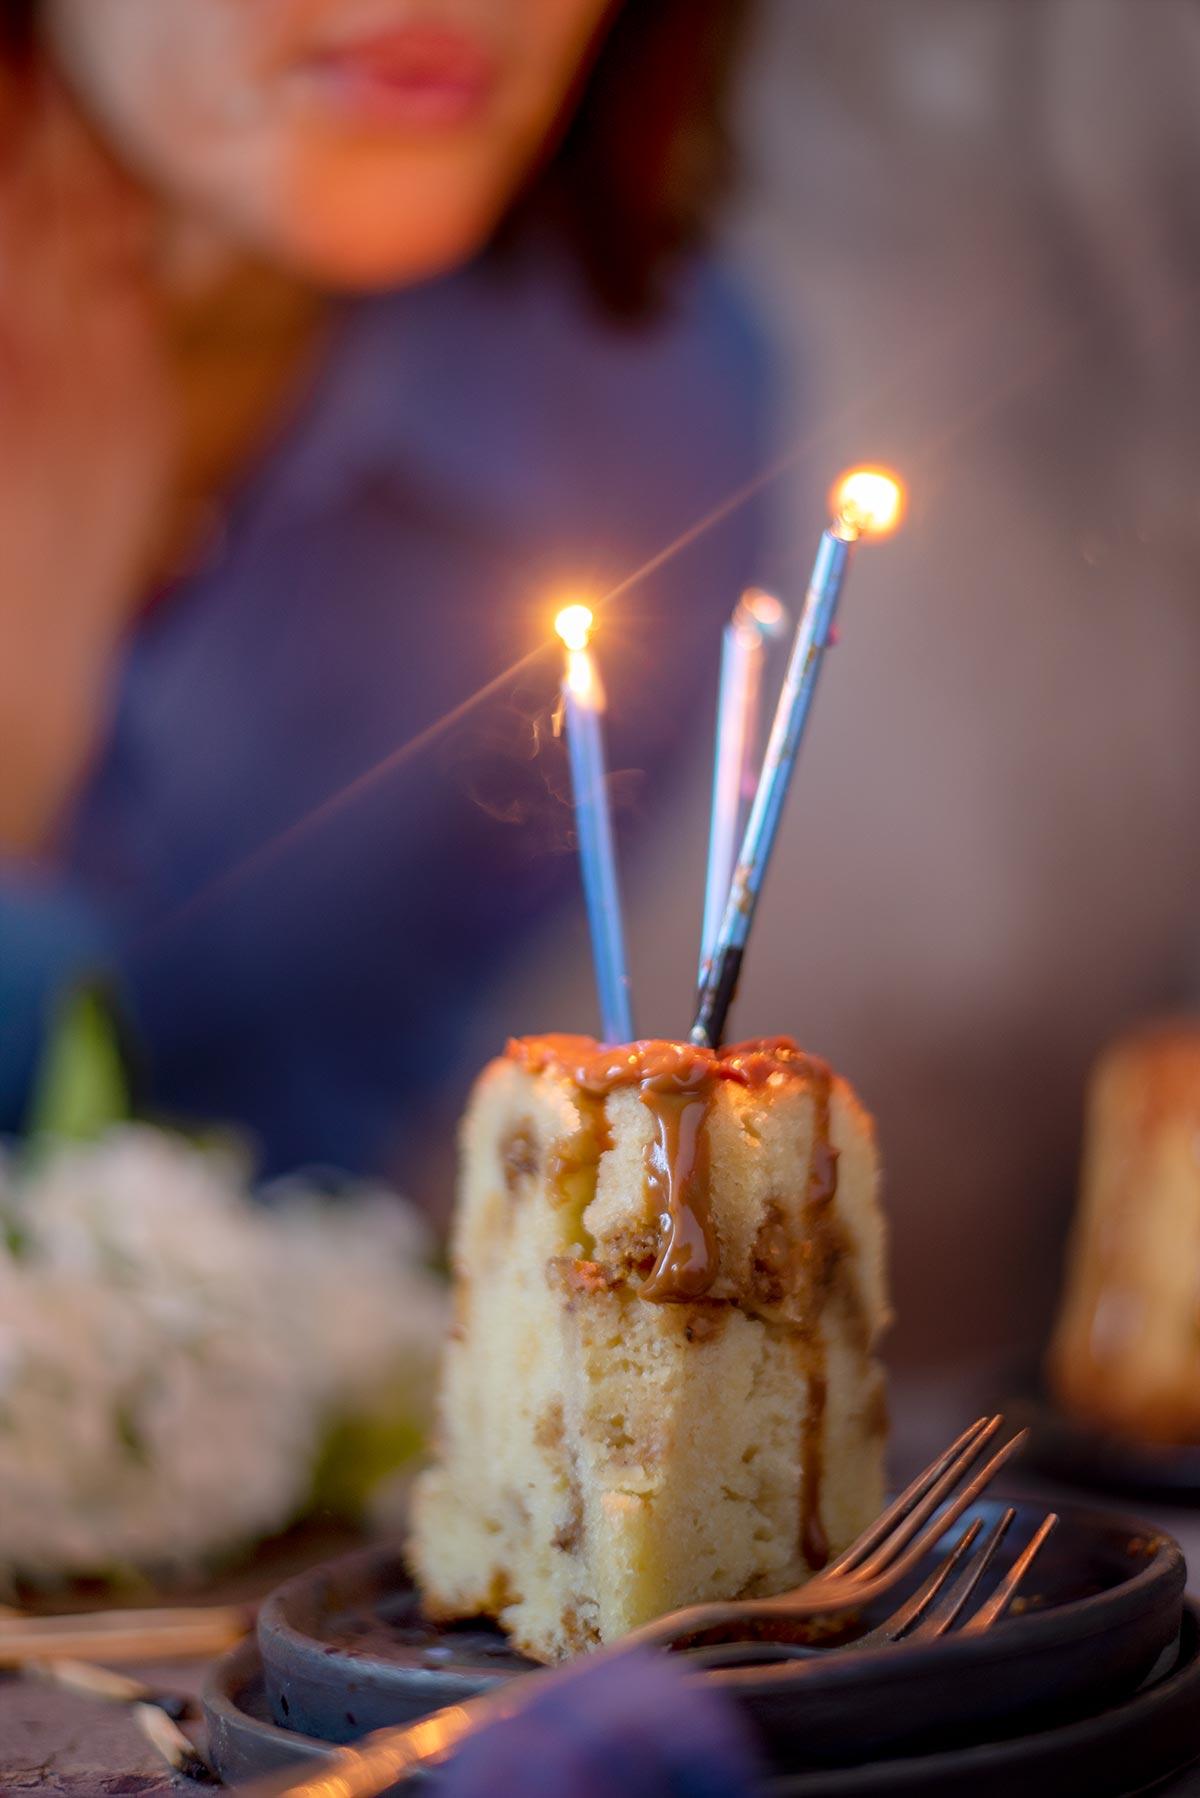 κέικ γεμισμένο με καραμέλα και καραμελωμένα καρύδια